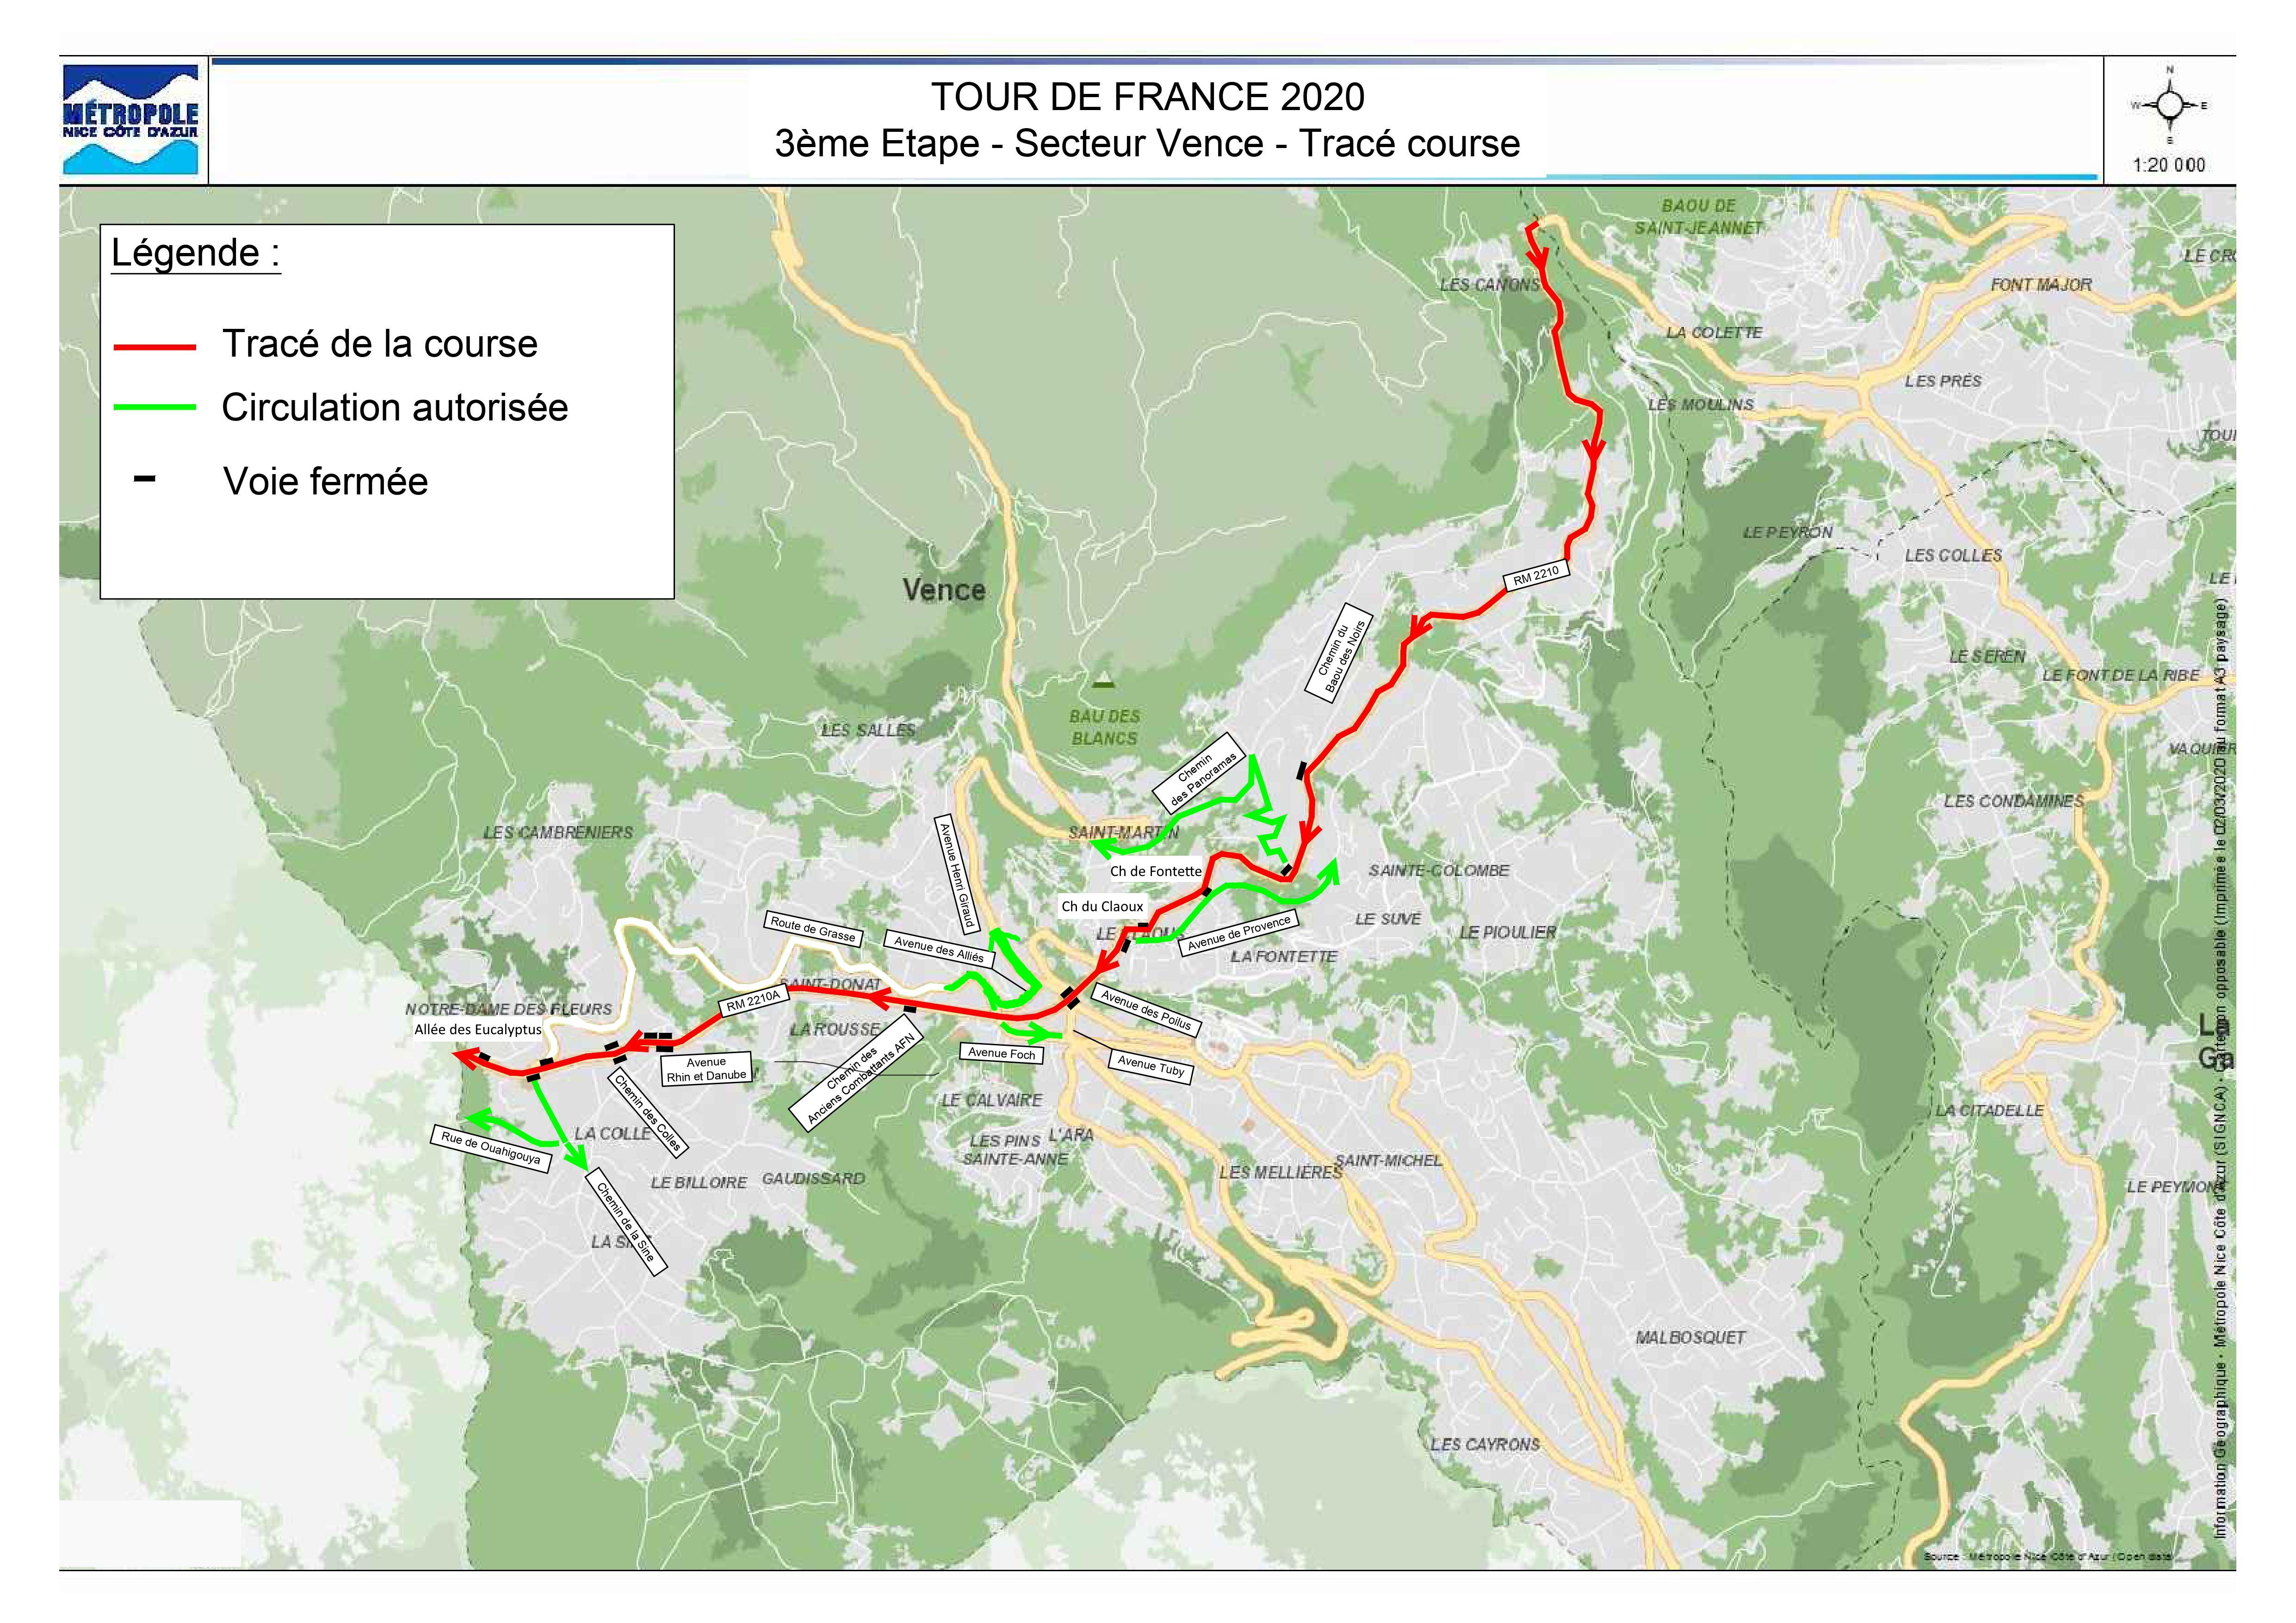 Tour De France 2020 Passage A Vence Le 31 Aout 2020 Mairie De Vence